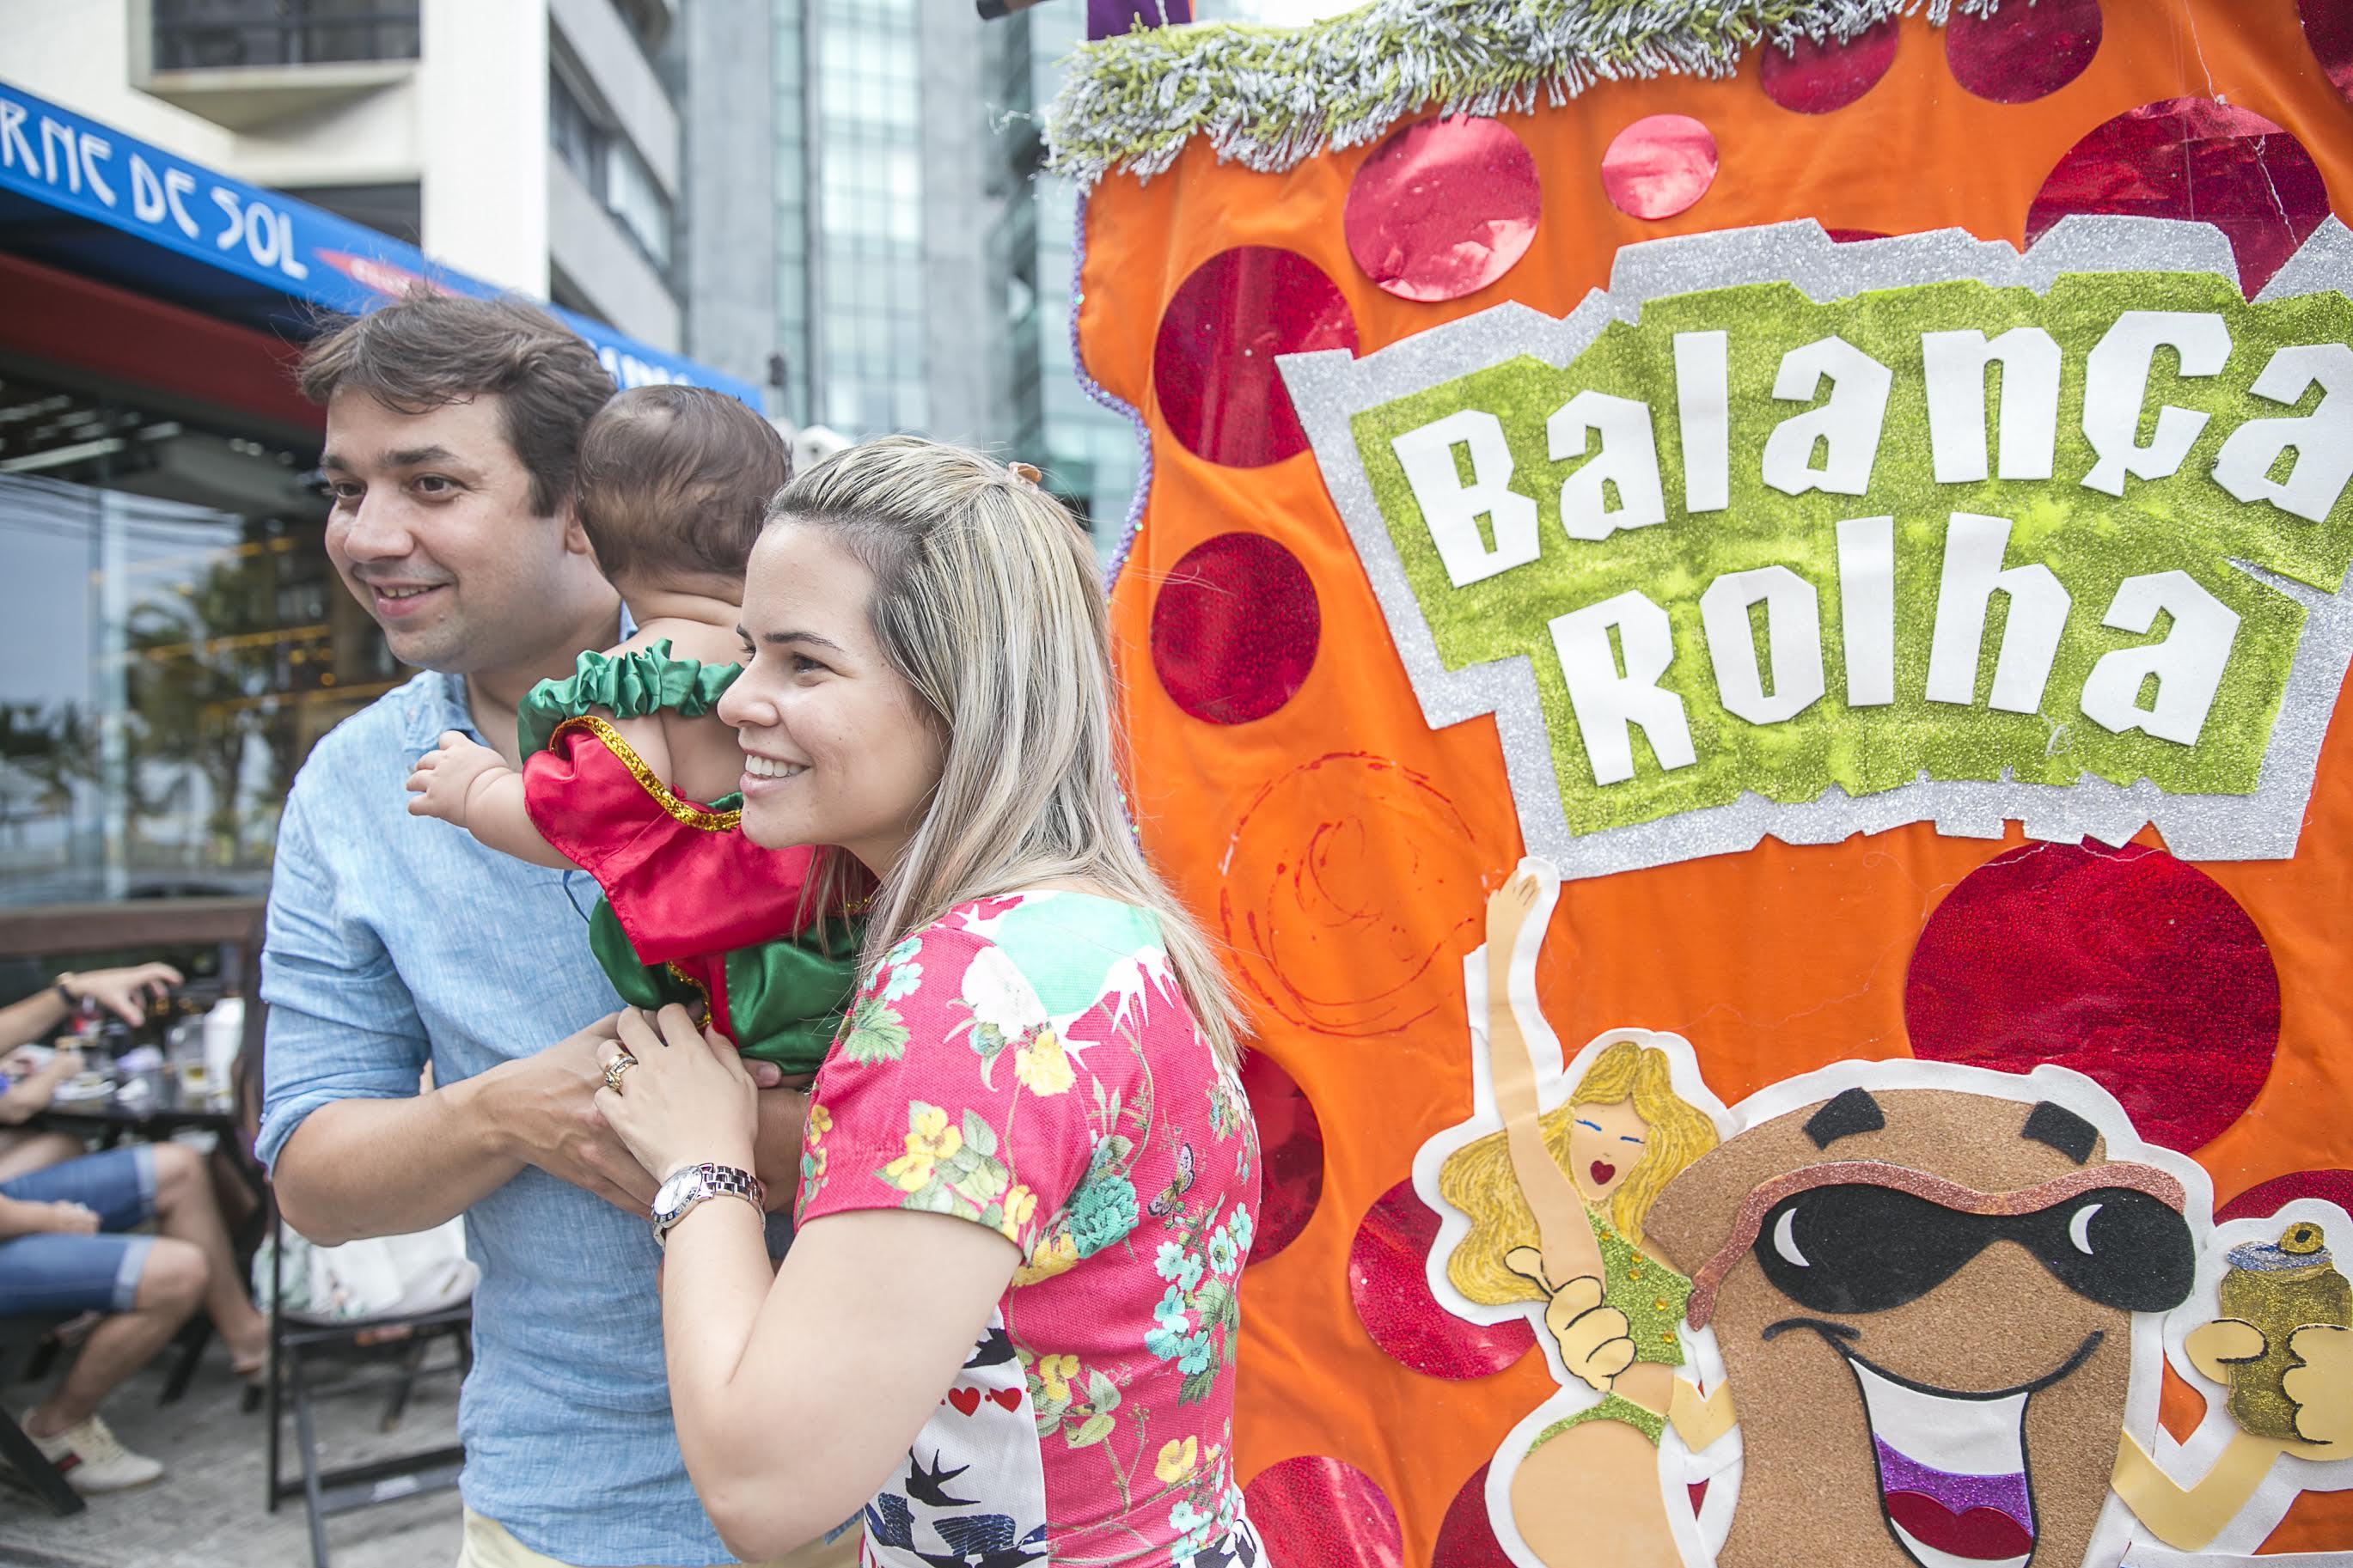 Balança Rolha - Crédito: Gabi Vittória/Divulgação